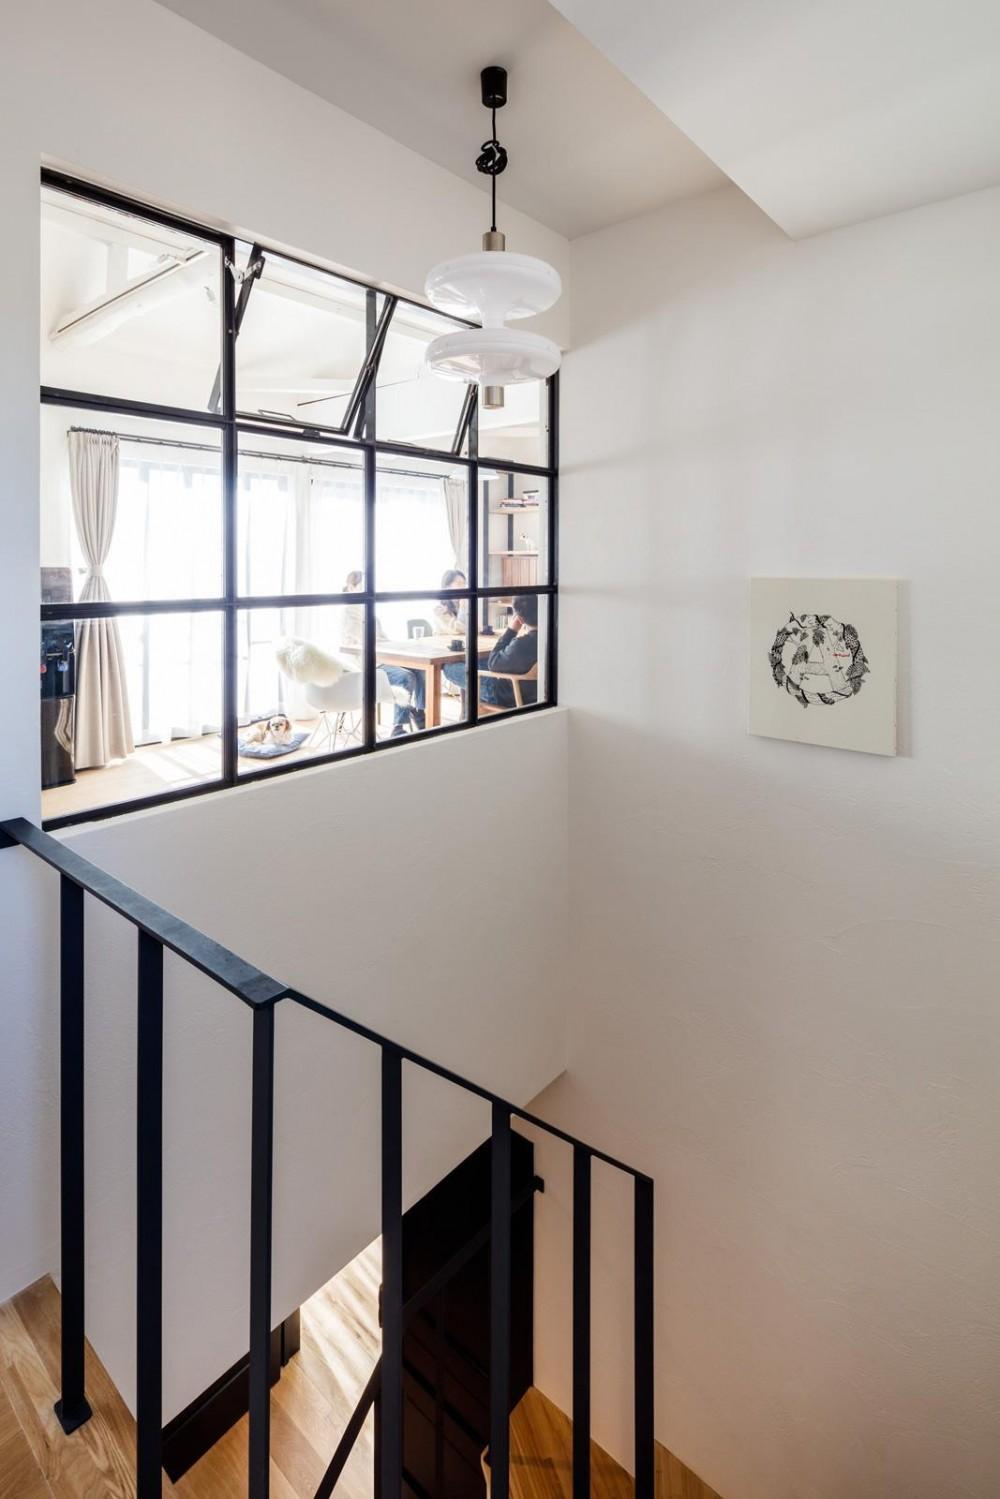 『momo』 ― もう一世代、この家で (階段室)